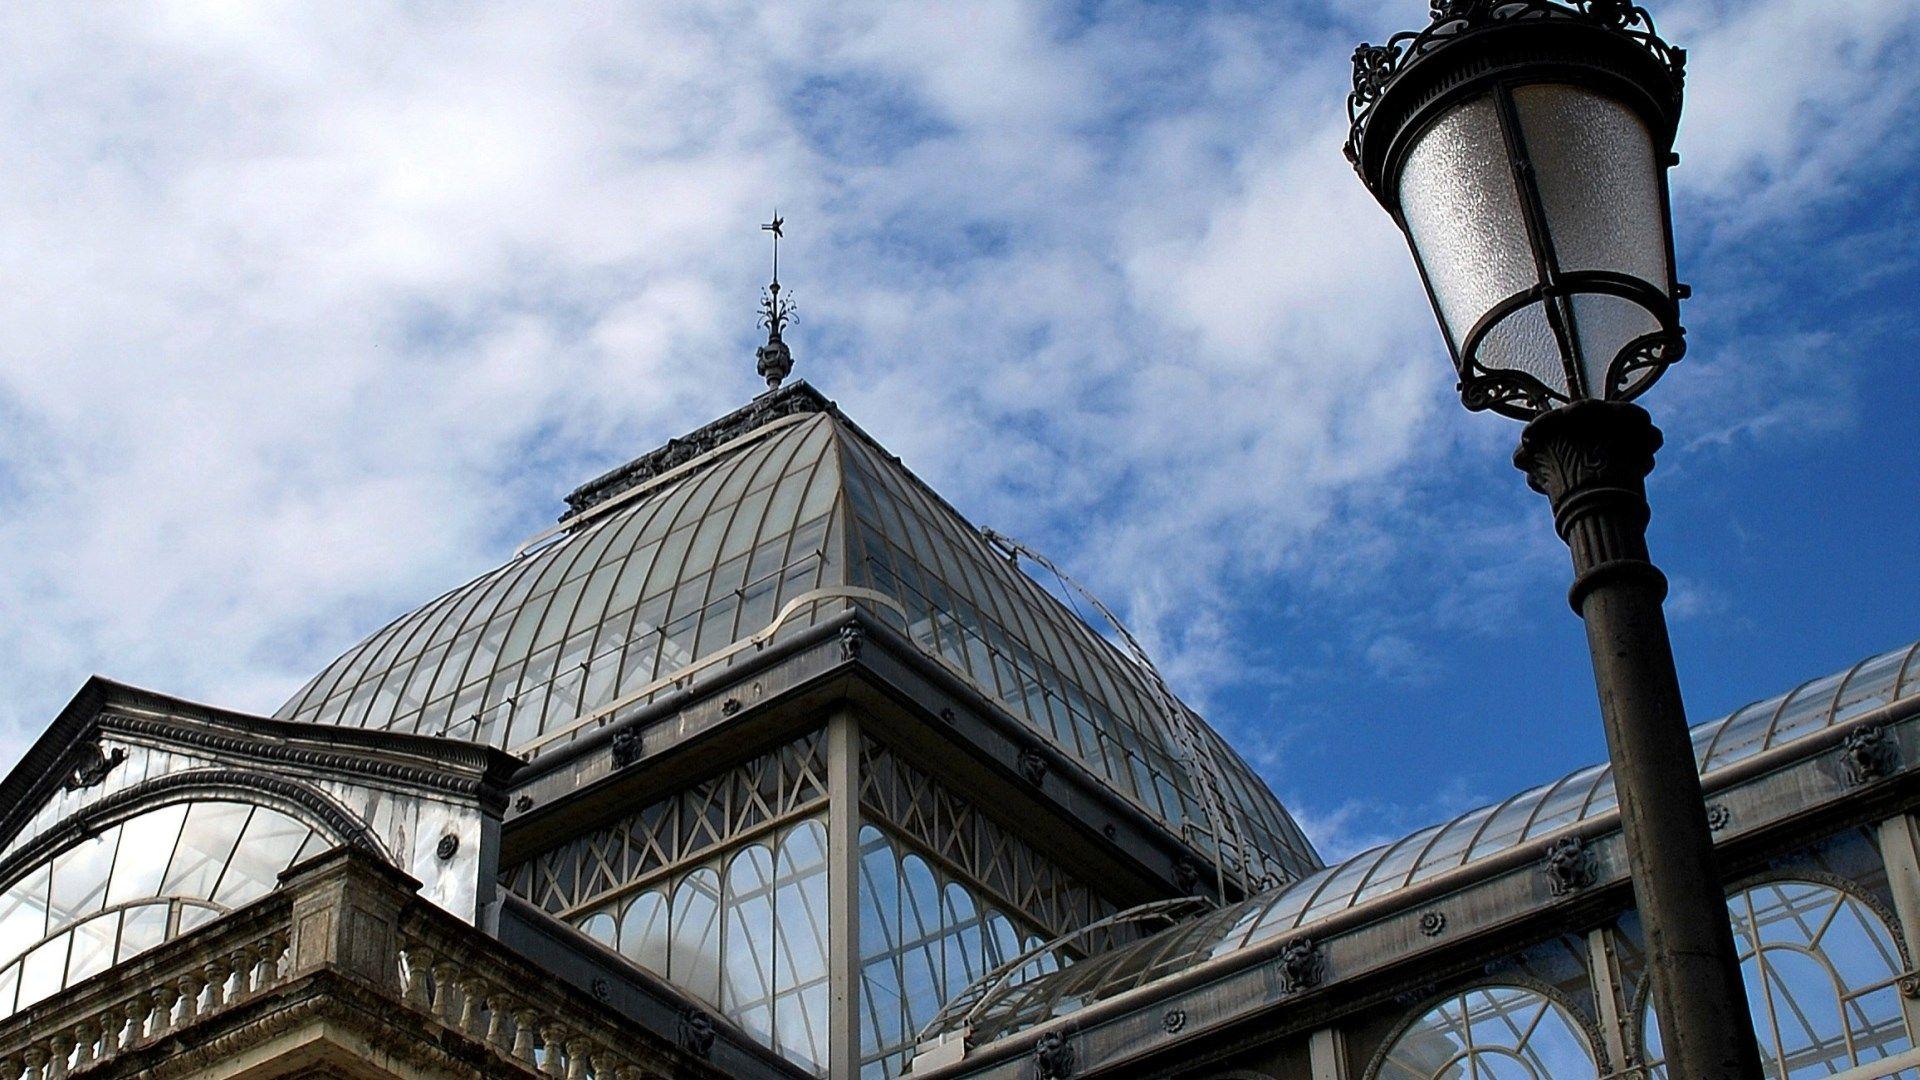 1920x1080 pictures of palacio de cristal